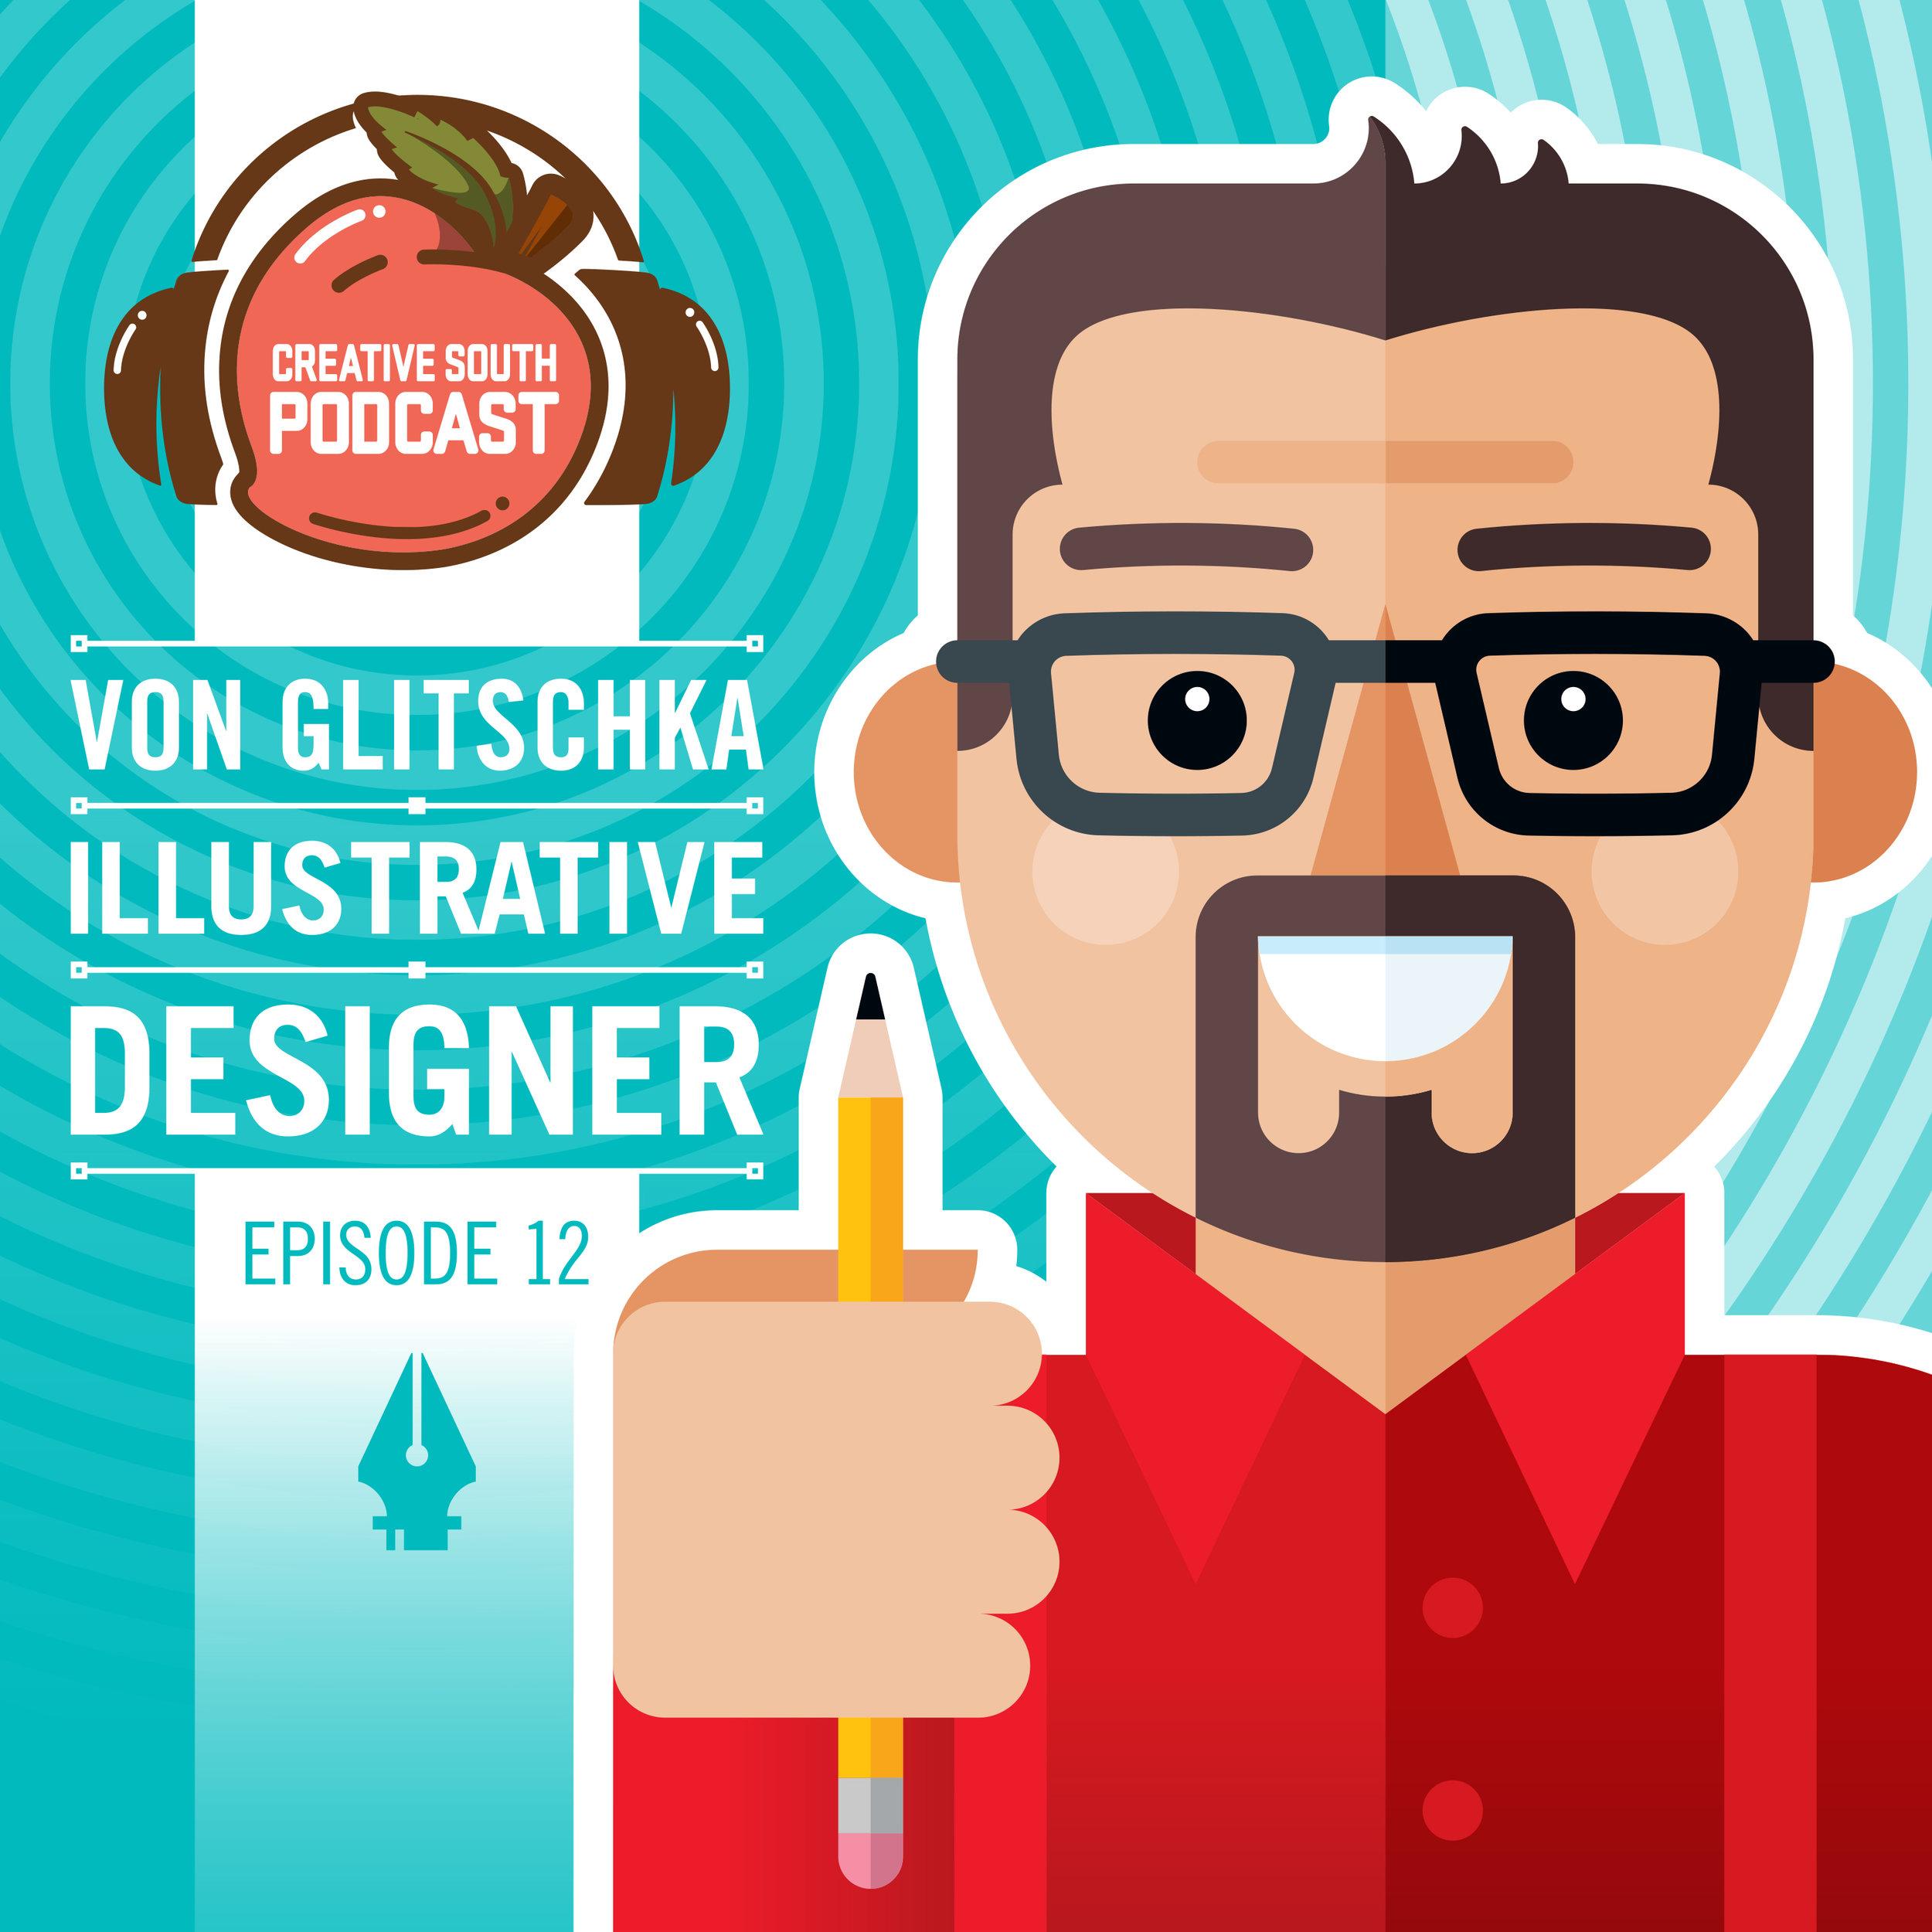 Von_Glitschka_Podcast_Cover.jpg